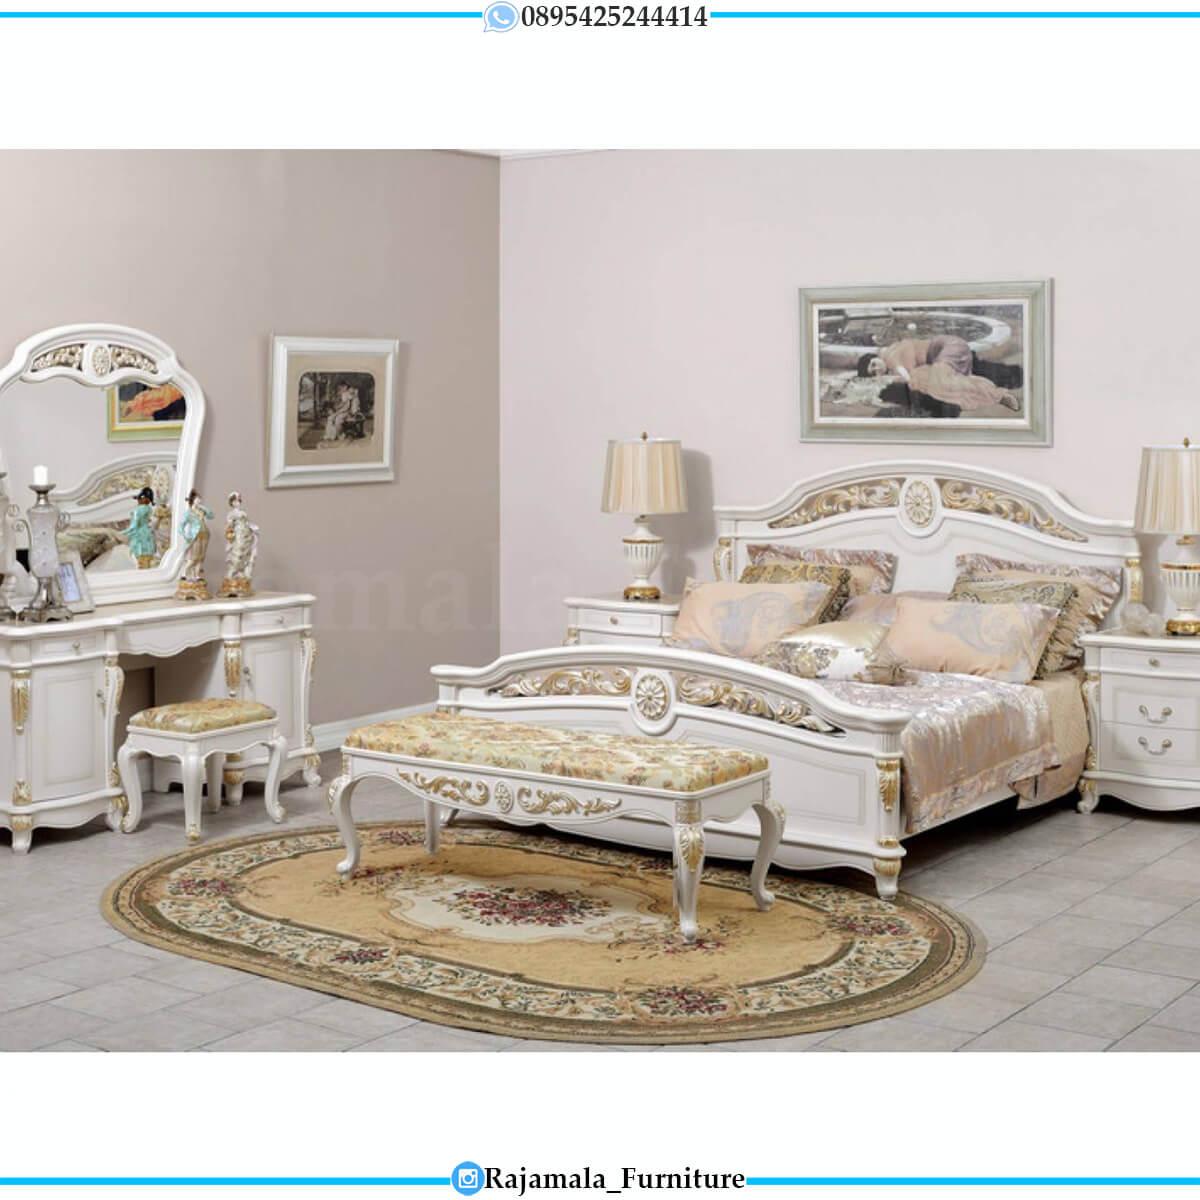 Harga Set Tempat Tidur Mewah Jepara Luxury Classic Carving RM-0648